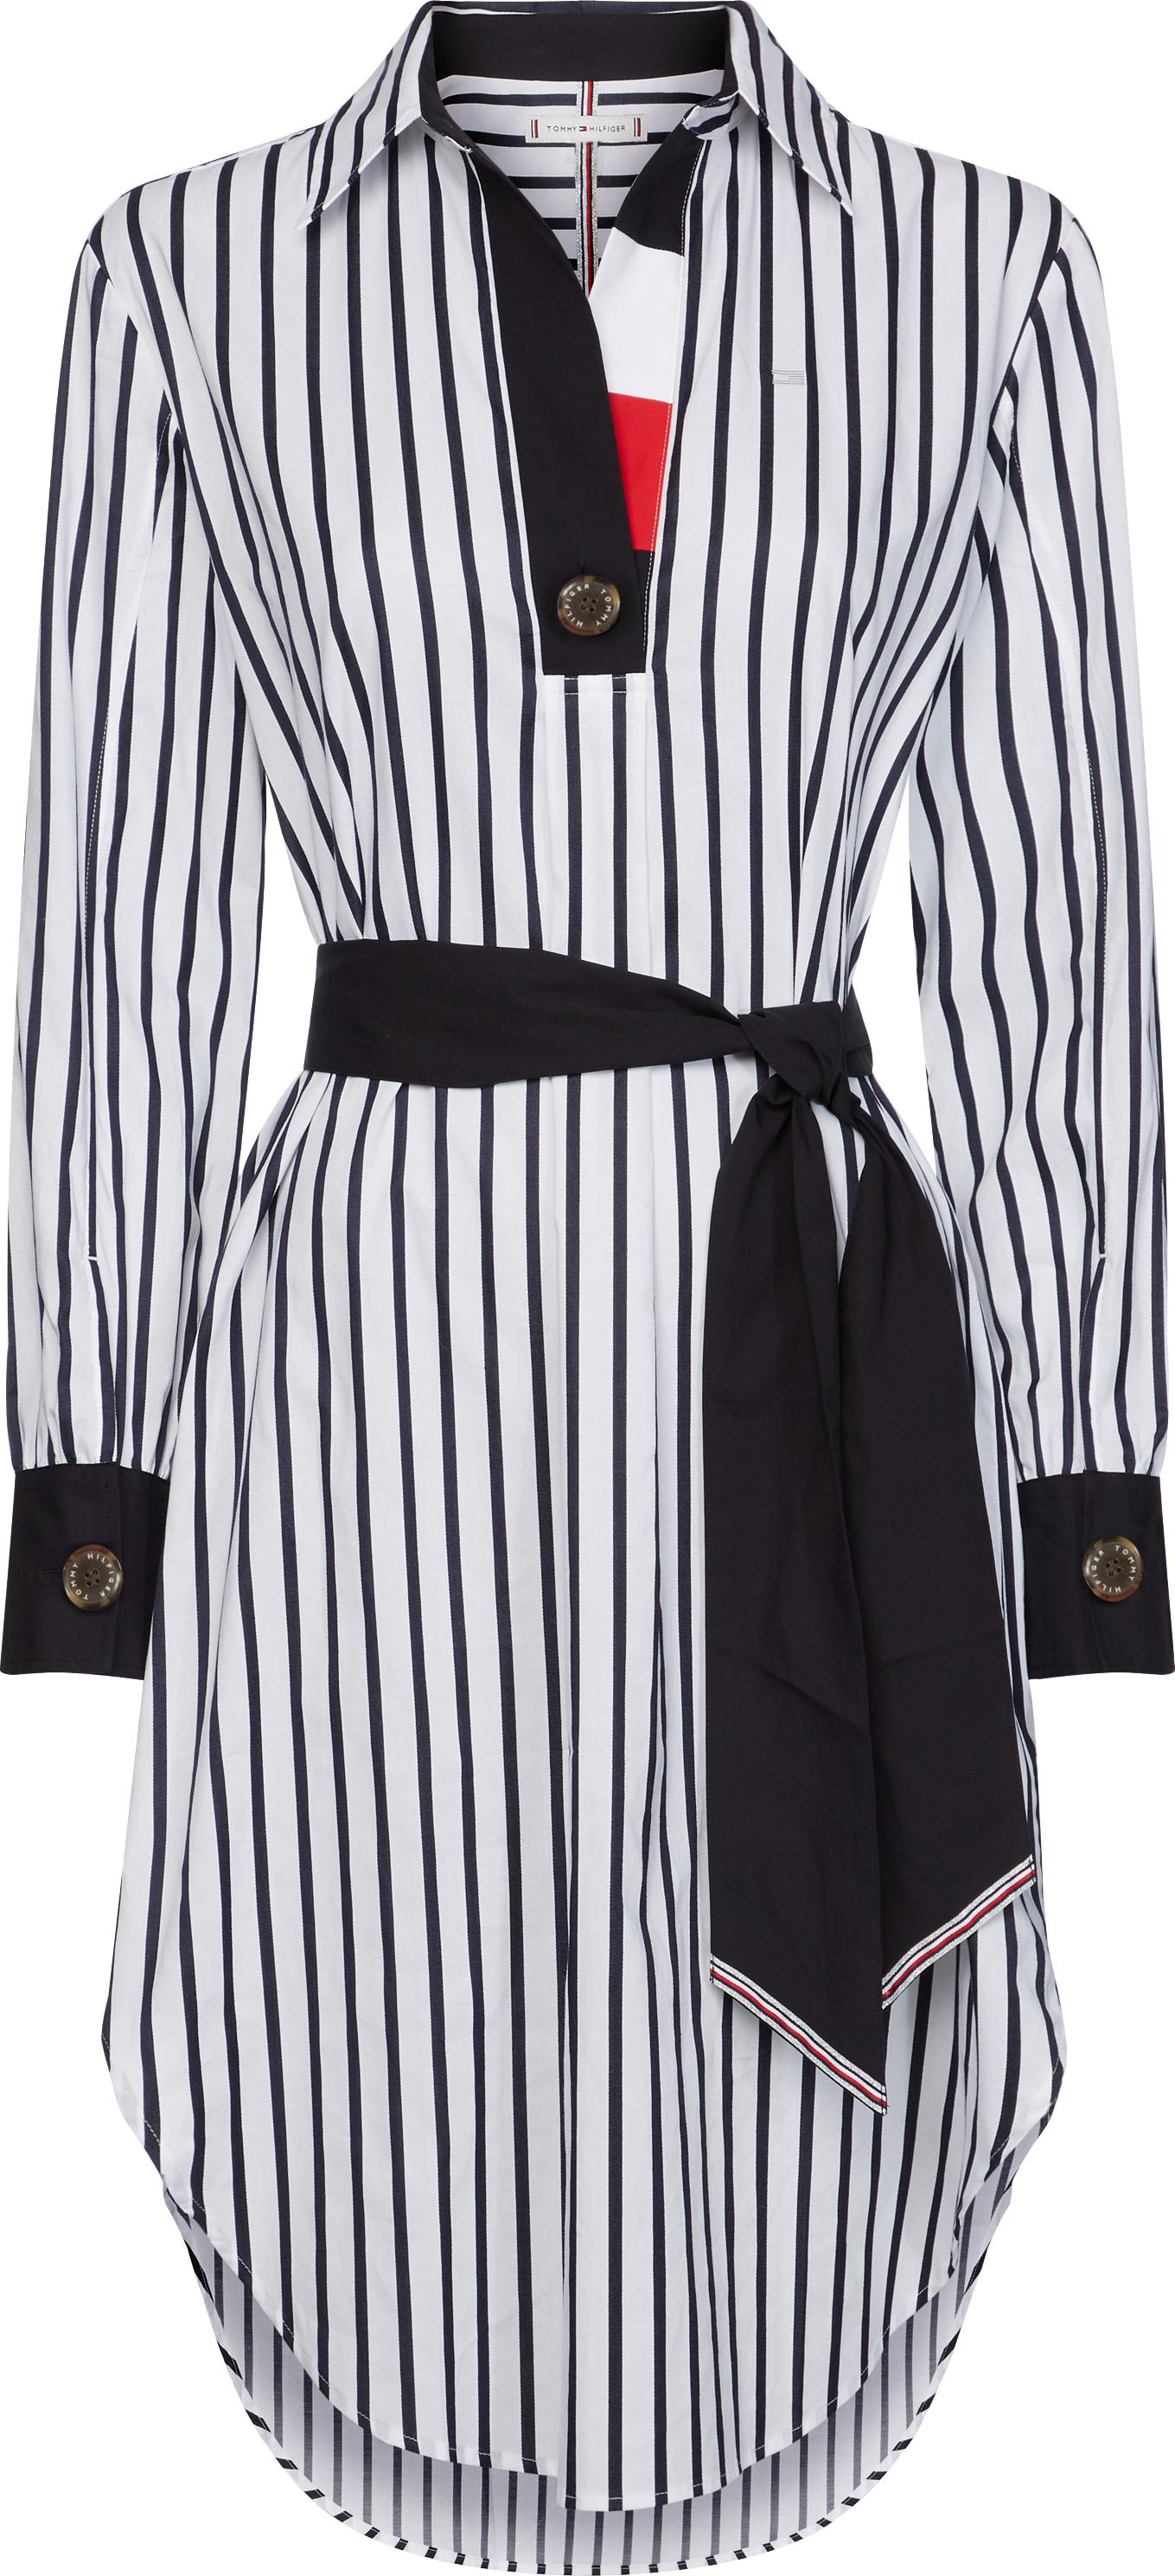 Рокля 370 лв. Класическият и много комплиментиращ фигурата силует, наподобяващ риза, превръща роклята в истинска находка.